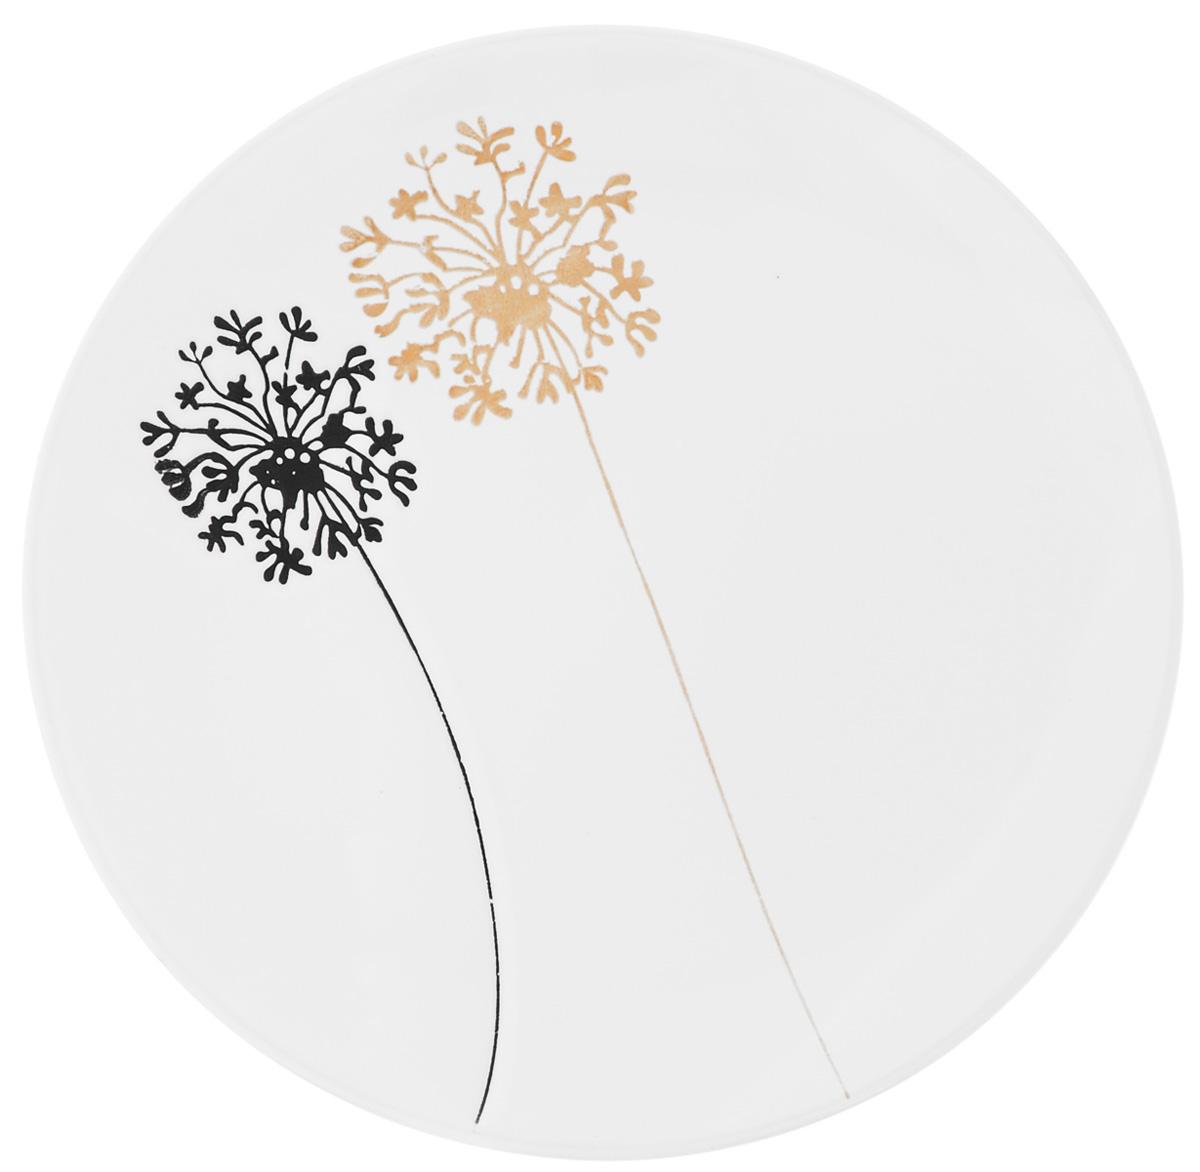 Тарелка обеденная Wing Star Модерн, диаметр 25 смLJ253DPТарелка обеденная Wing Star Модерн изготовлена из высококачественной керамики. Предназначена для красивой подачи различных блюд. Изделие декорировано ярким рисунком. Wing Star - качественная керамическая посуда из обожженной, глазурованной снаружи и изнутри глины с оригинальными рисунками. При изготовлении данной посуды широко используется рельефный способ нанесения декора, когда рельефная поверхность подготавливается в процессе формовки и изделие обрабатывается с уже готовым декором. Благодаря этому достигается эффект неровного на ощупь рисунка, как бы утопленного внутрь глазури и являющегося его естественным элементом. Такая тарелка украсит сервировку стола и подчеркнет прекрасный вкус хозяйки. Можно мыть в посудомоечной машине и использовать в СВЧ. Диаметр: 25 см. Высота: 4 см.